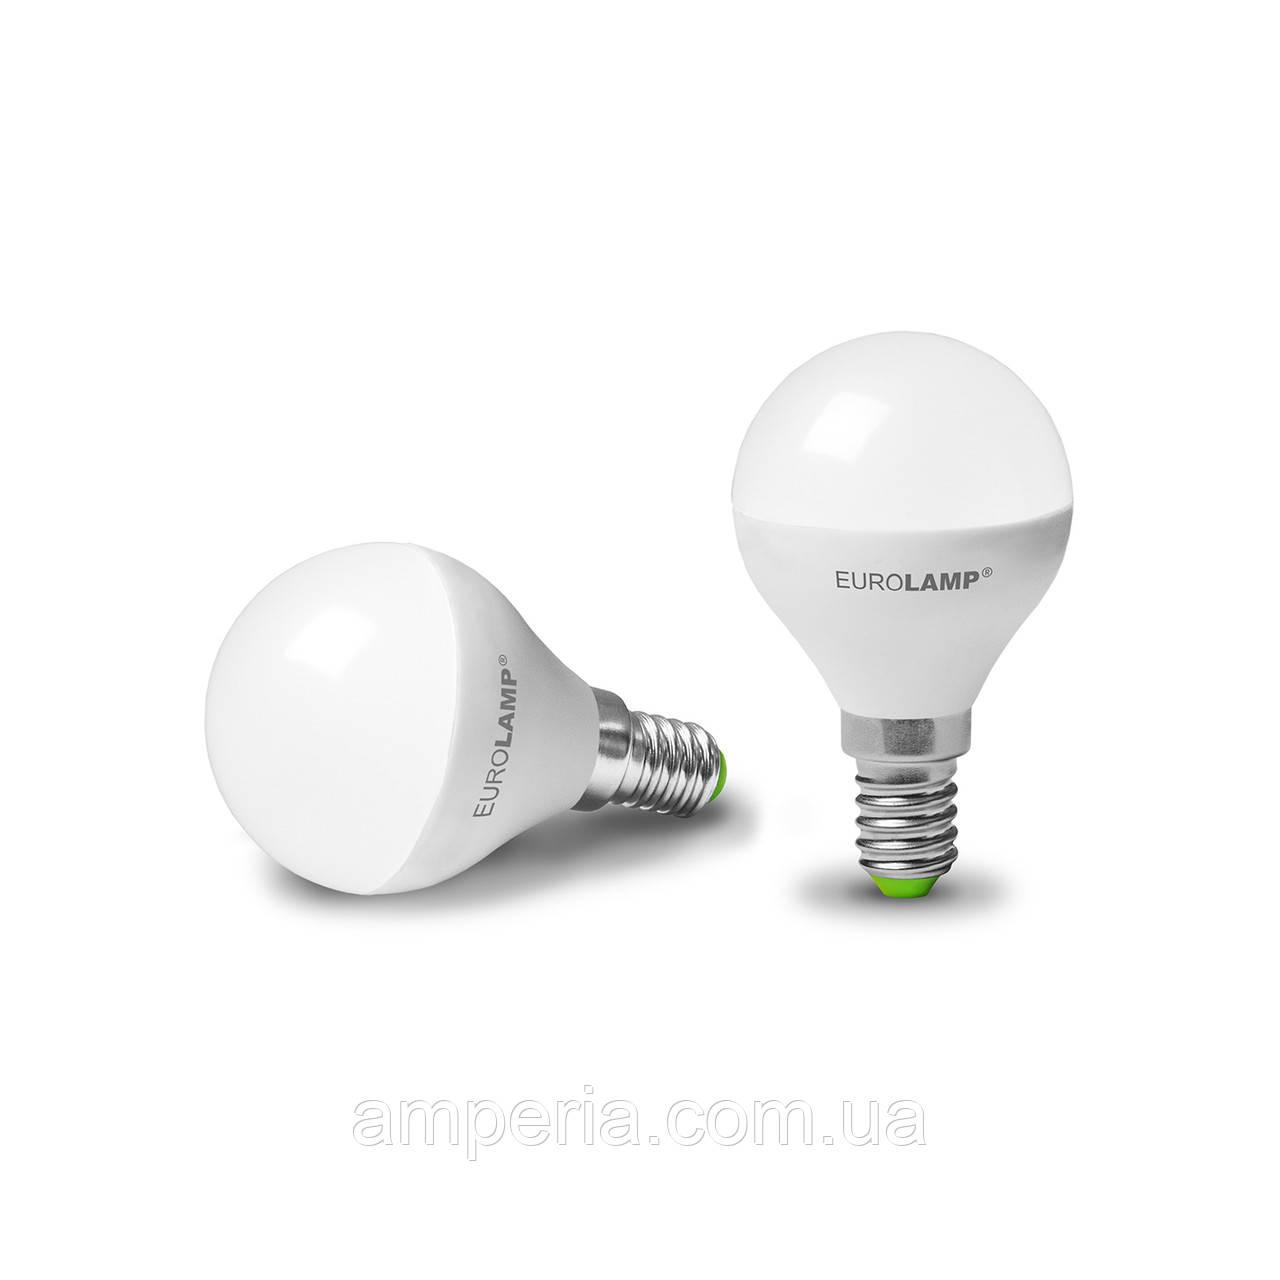 EUROLAMP LED Лампа ЕКО G45 5W E14 3000K (LED-G45-05143(D))